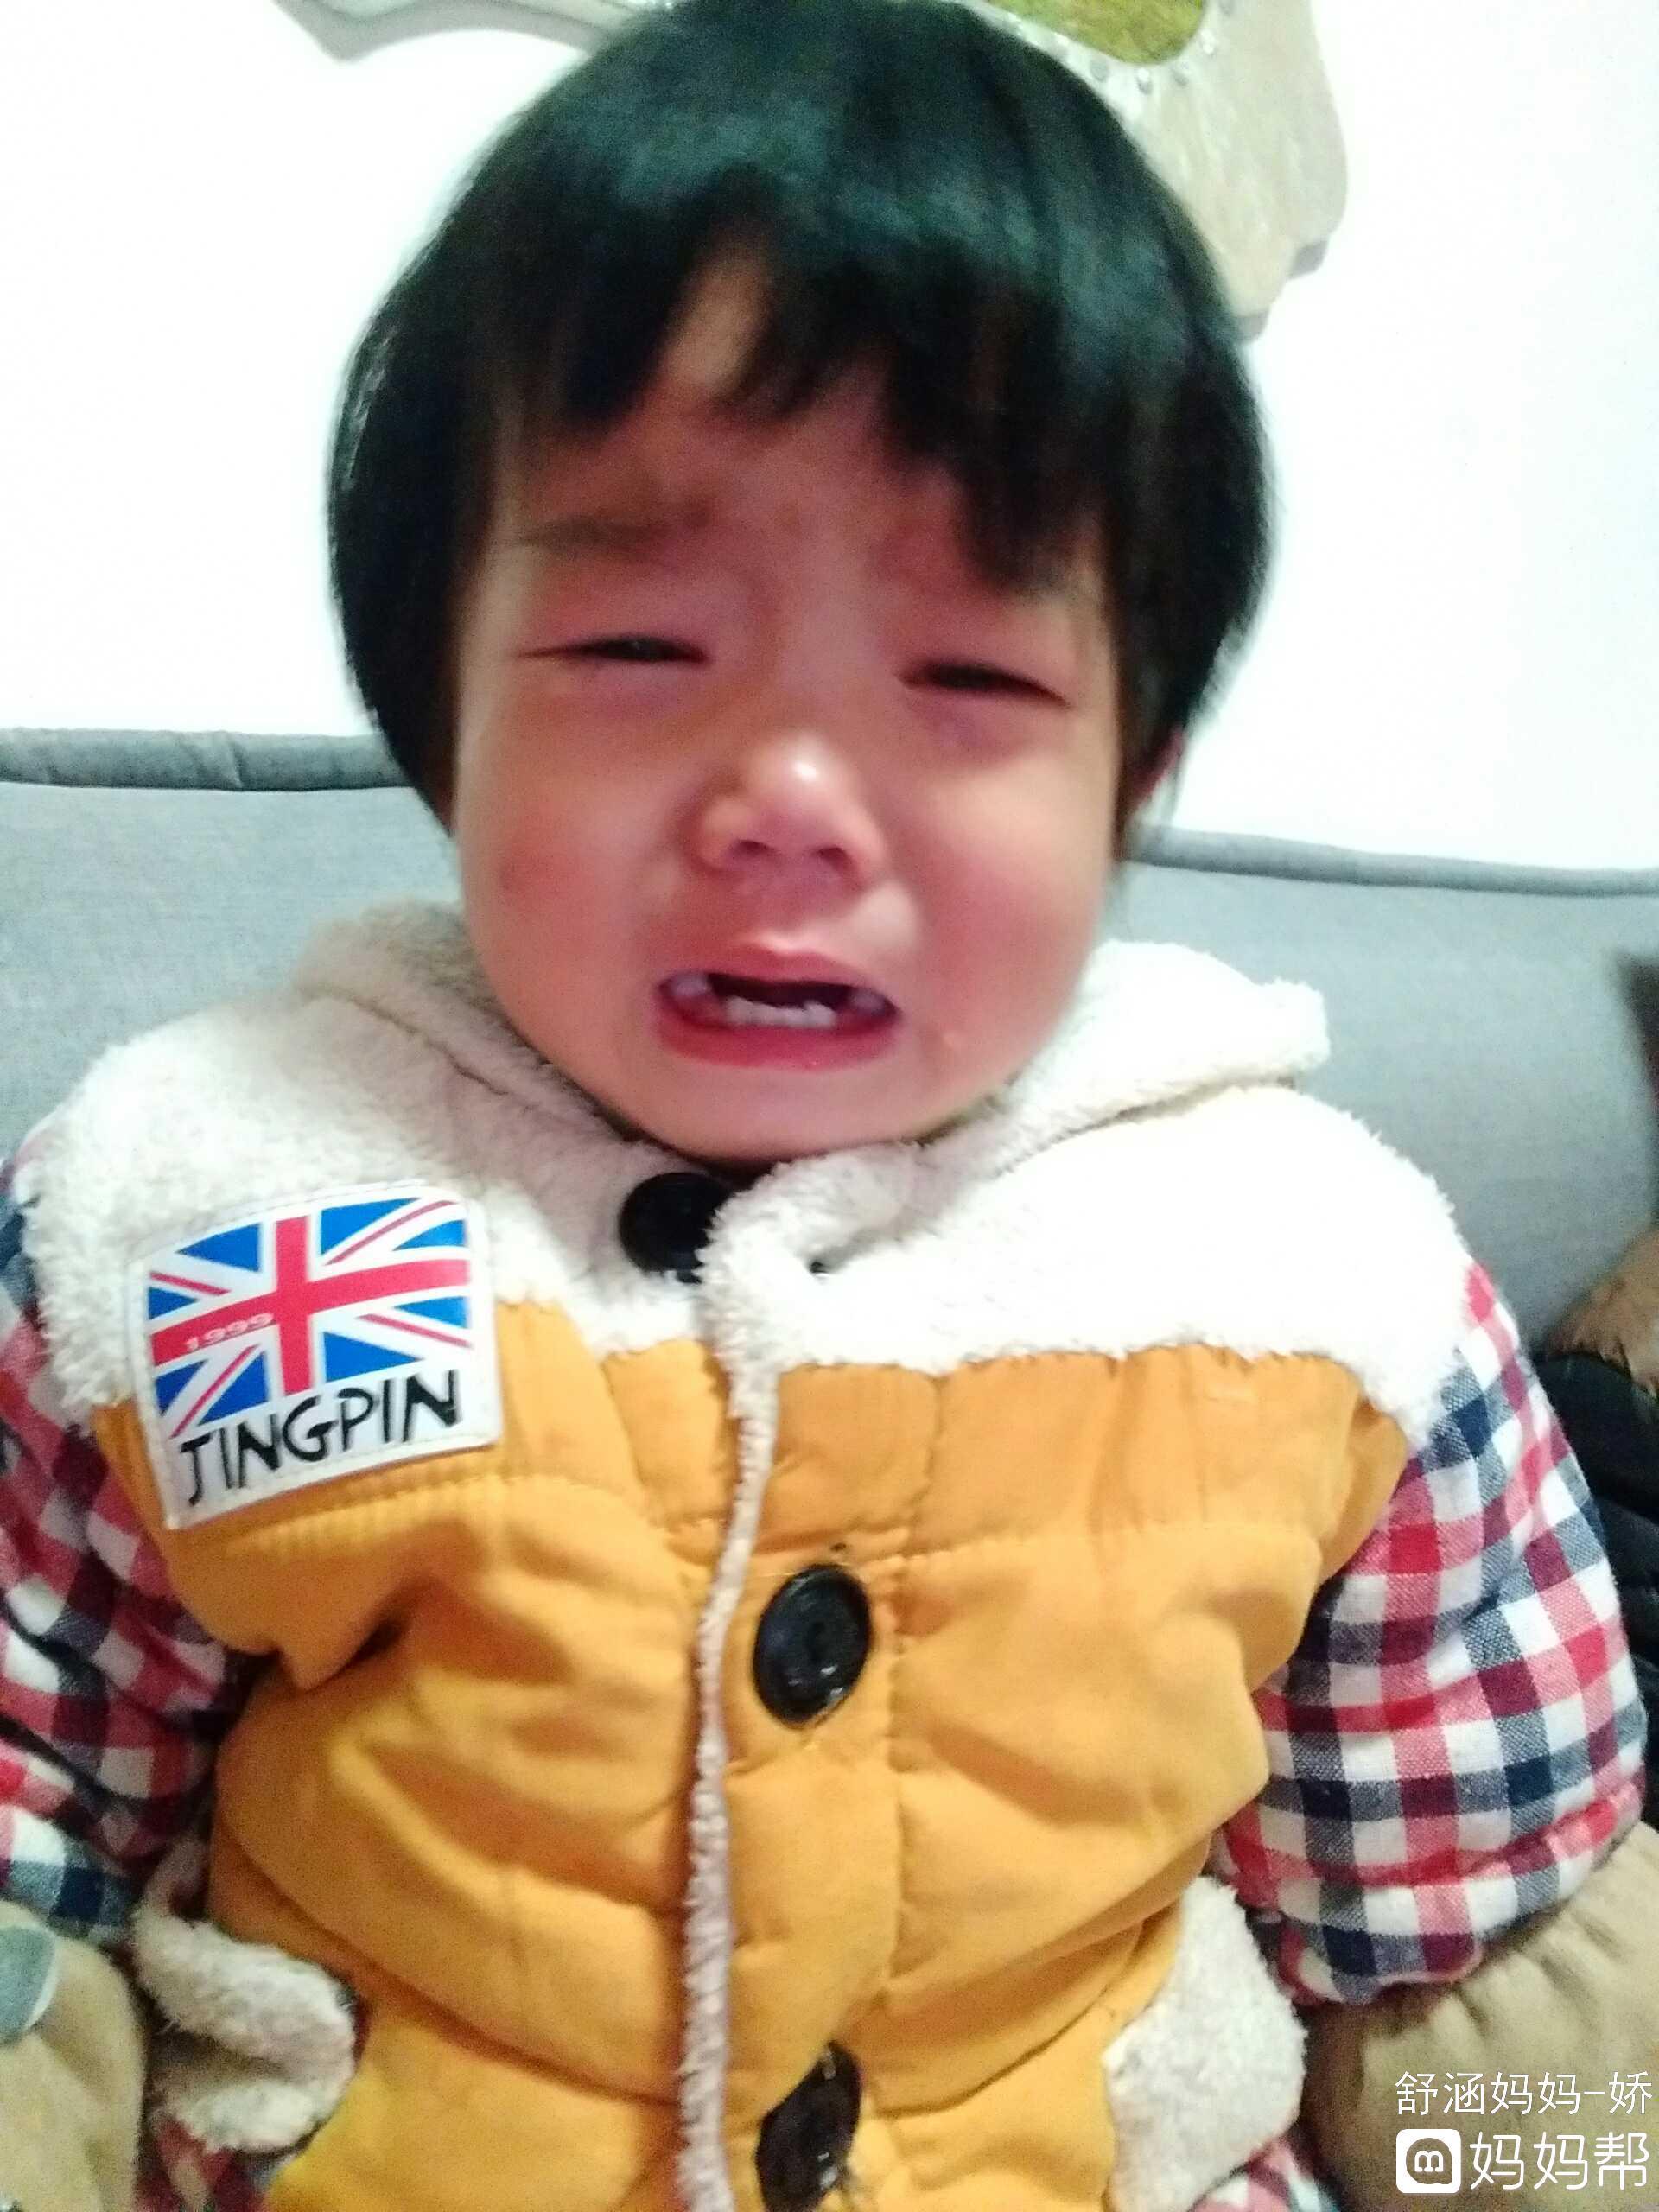 【晒我家宝宝之哭态】 看着就让人心疼